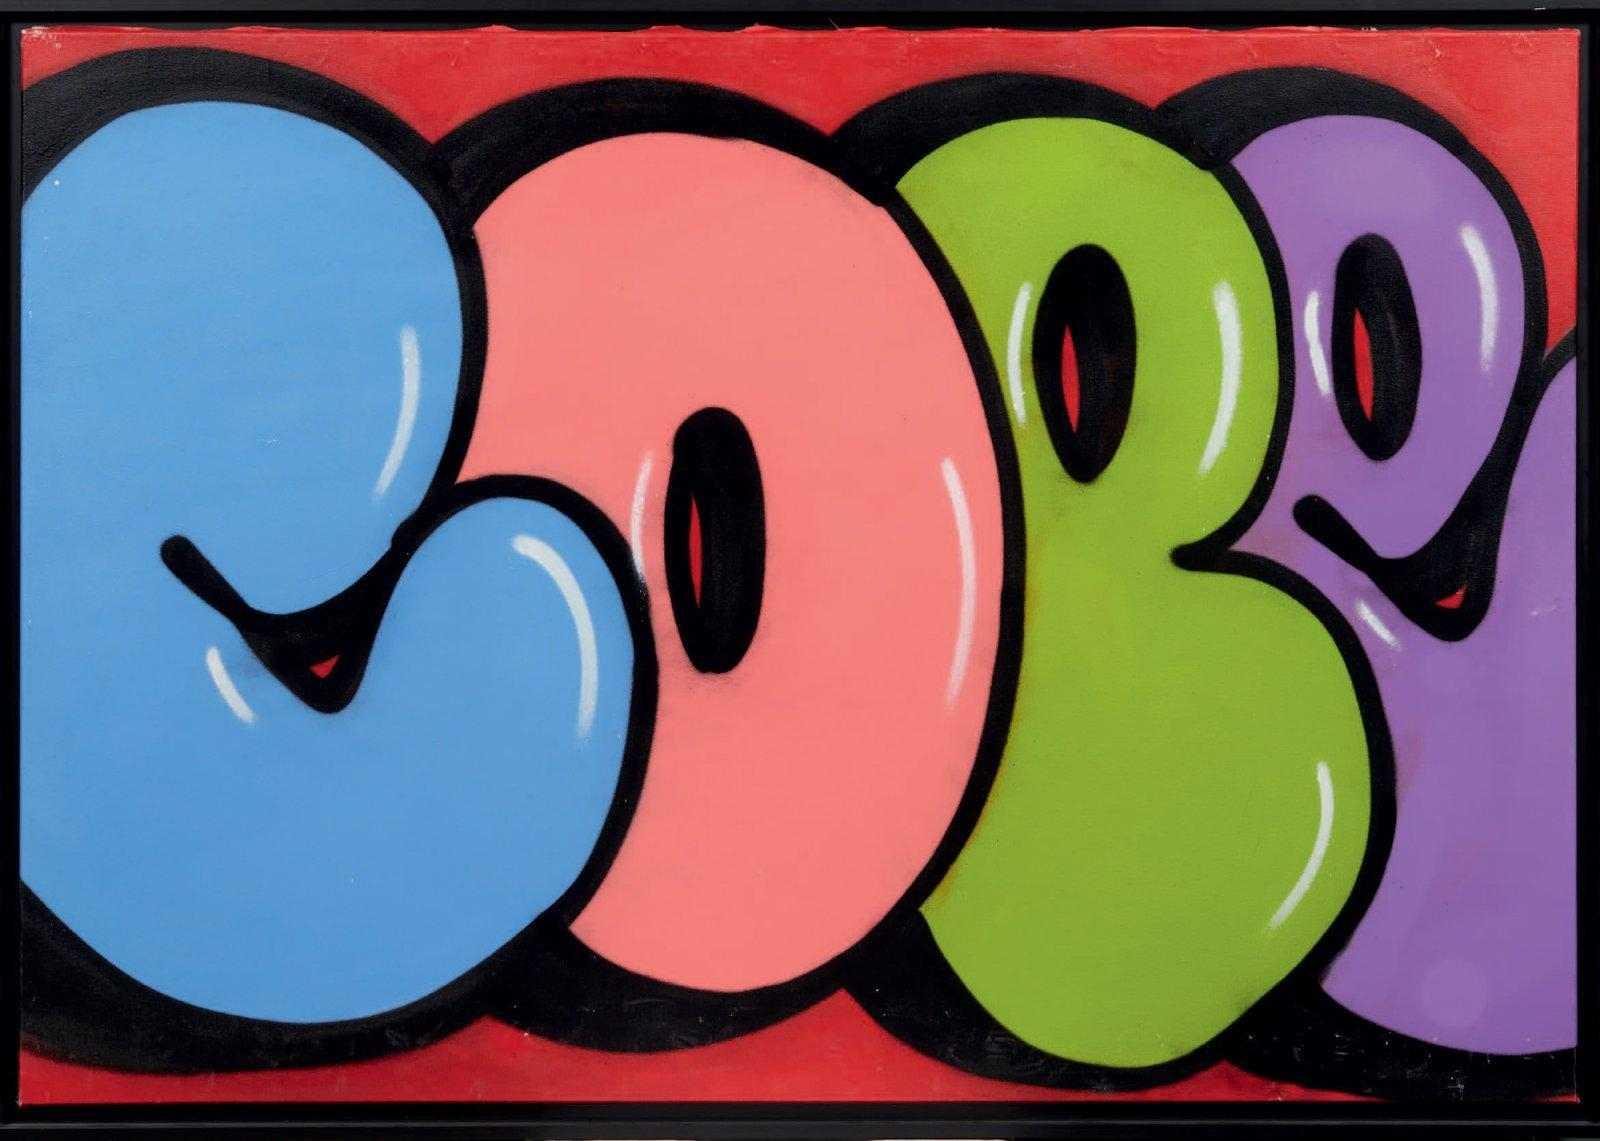 Cope2-Cope-2013